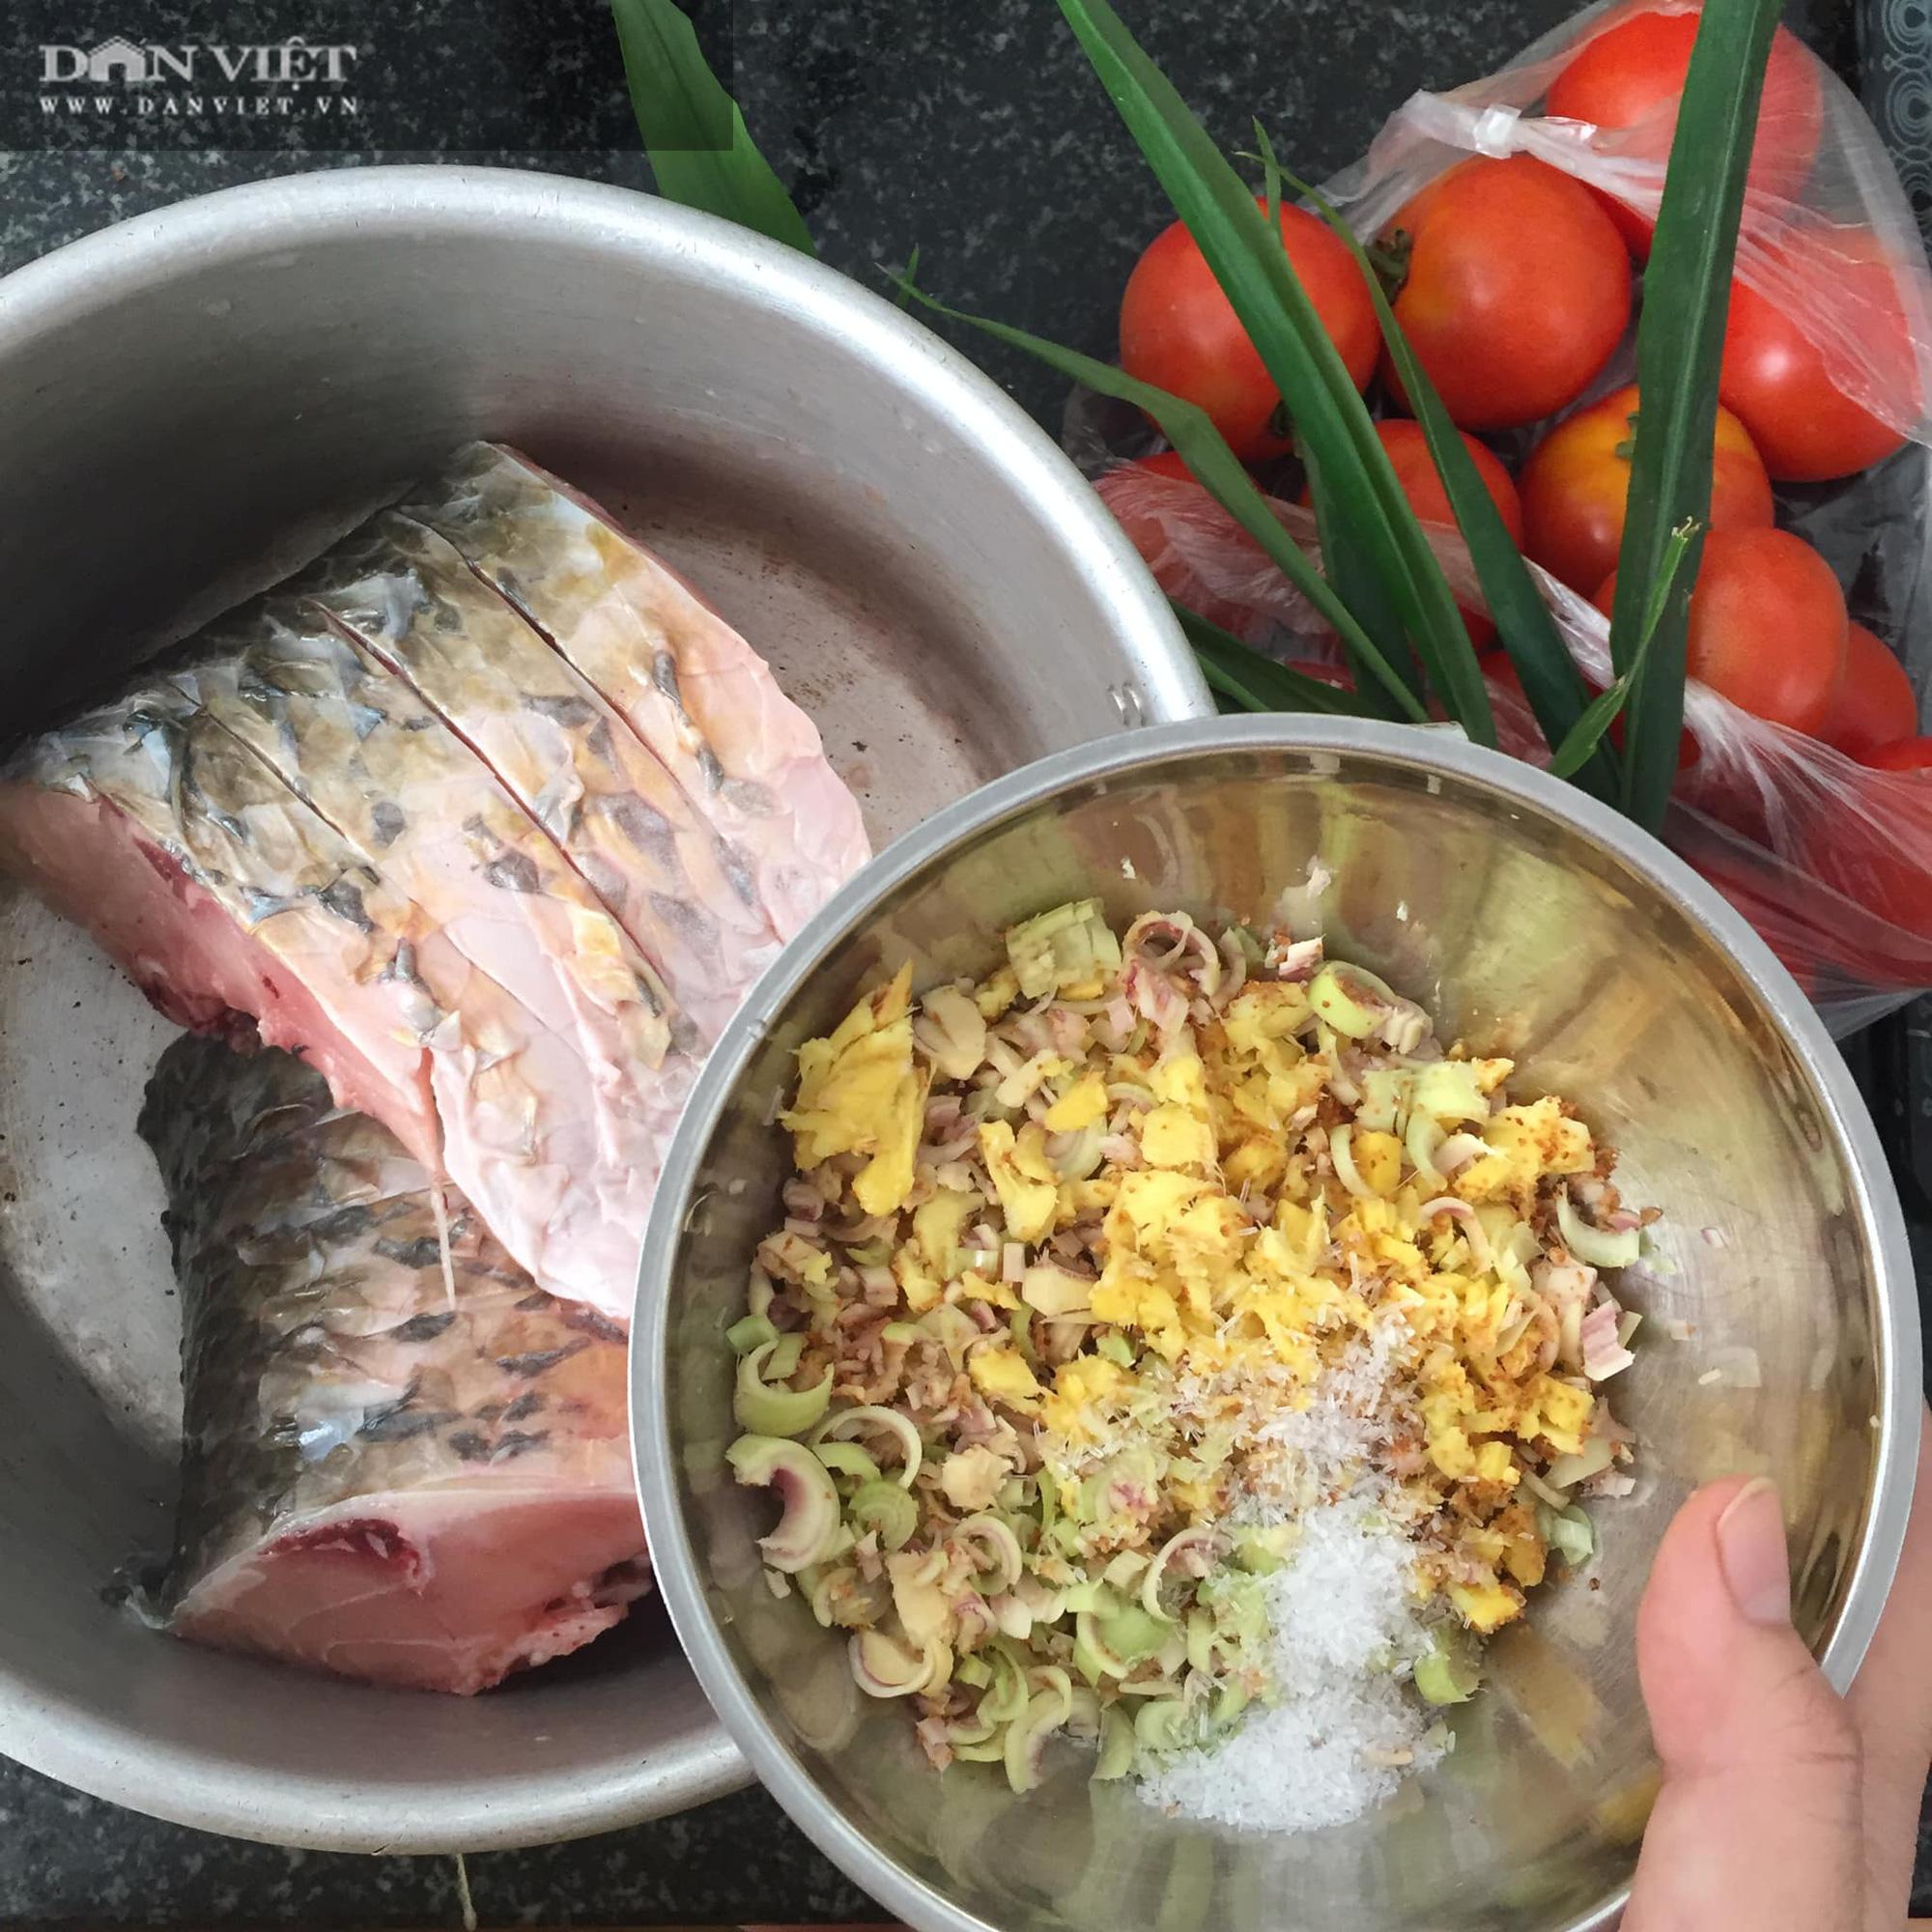 Cá hấp bia ngon ngọt đổi bữa cơm nhà - Ảnh 2.